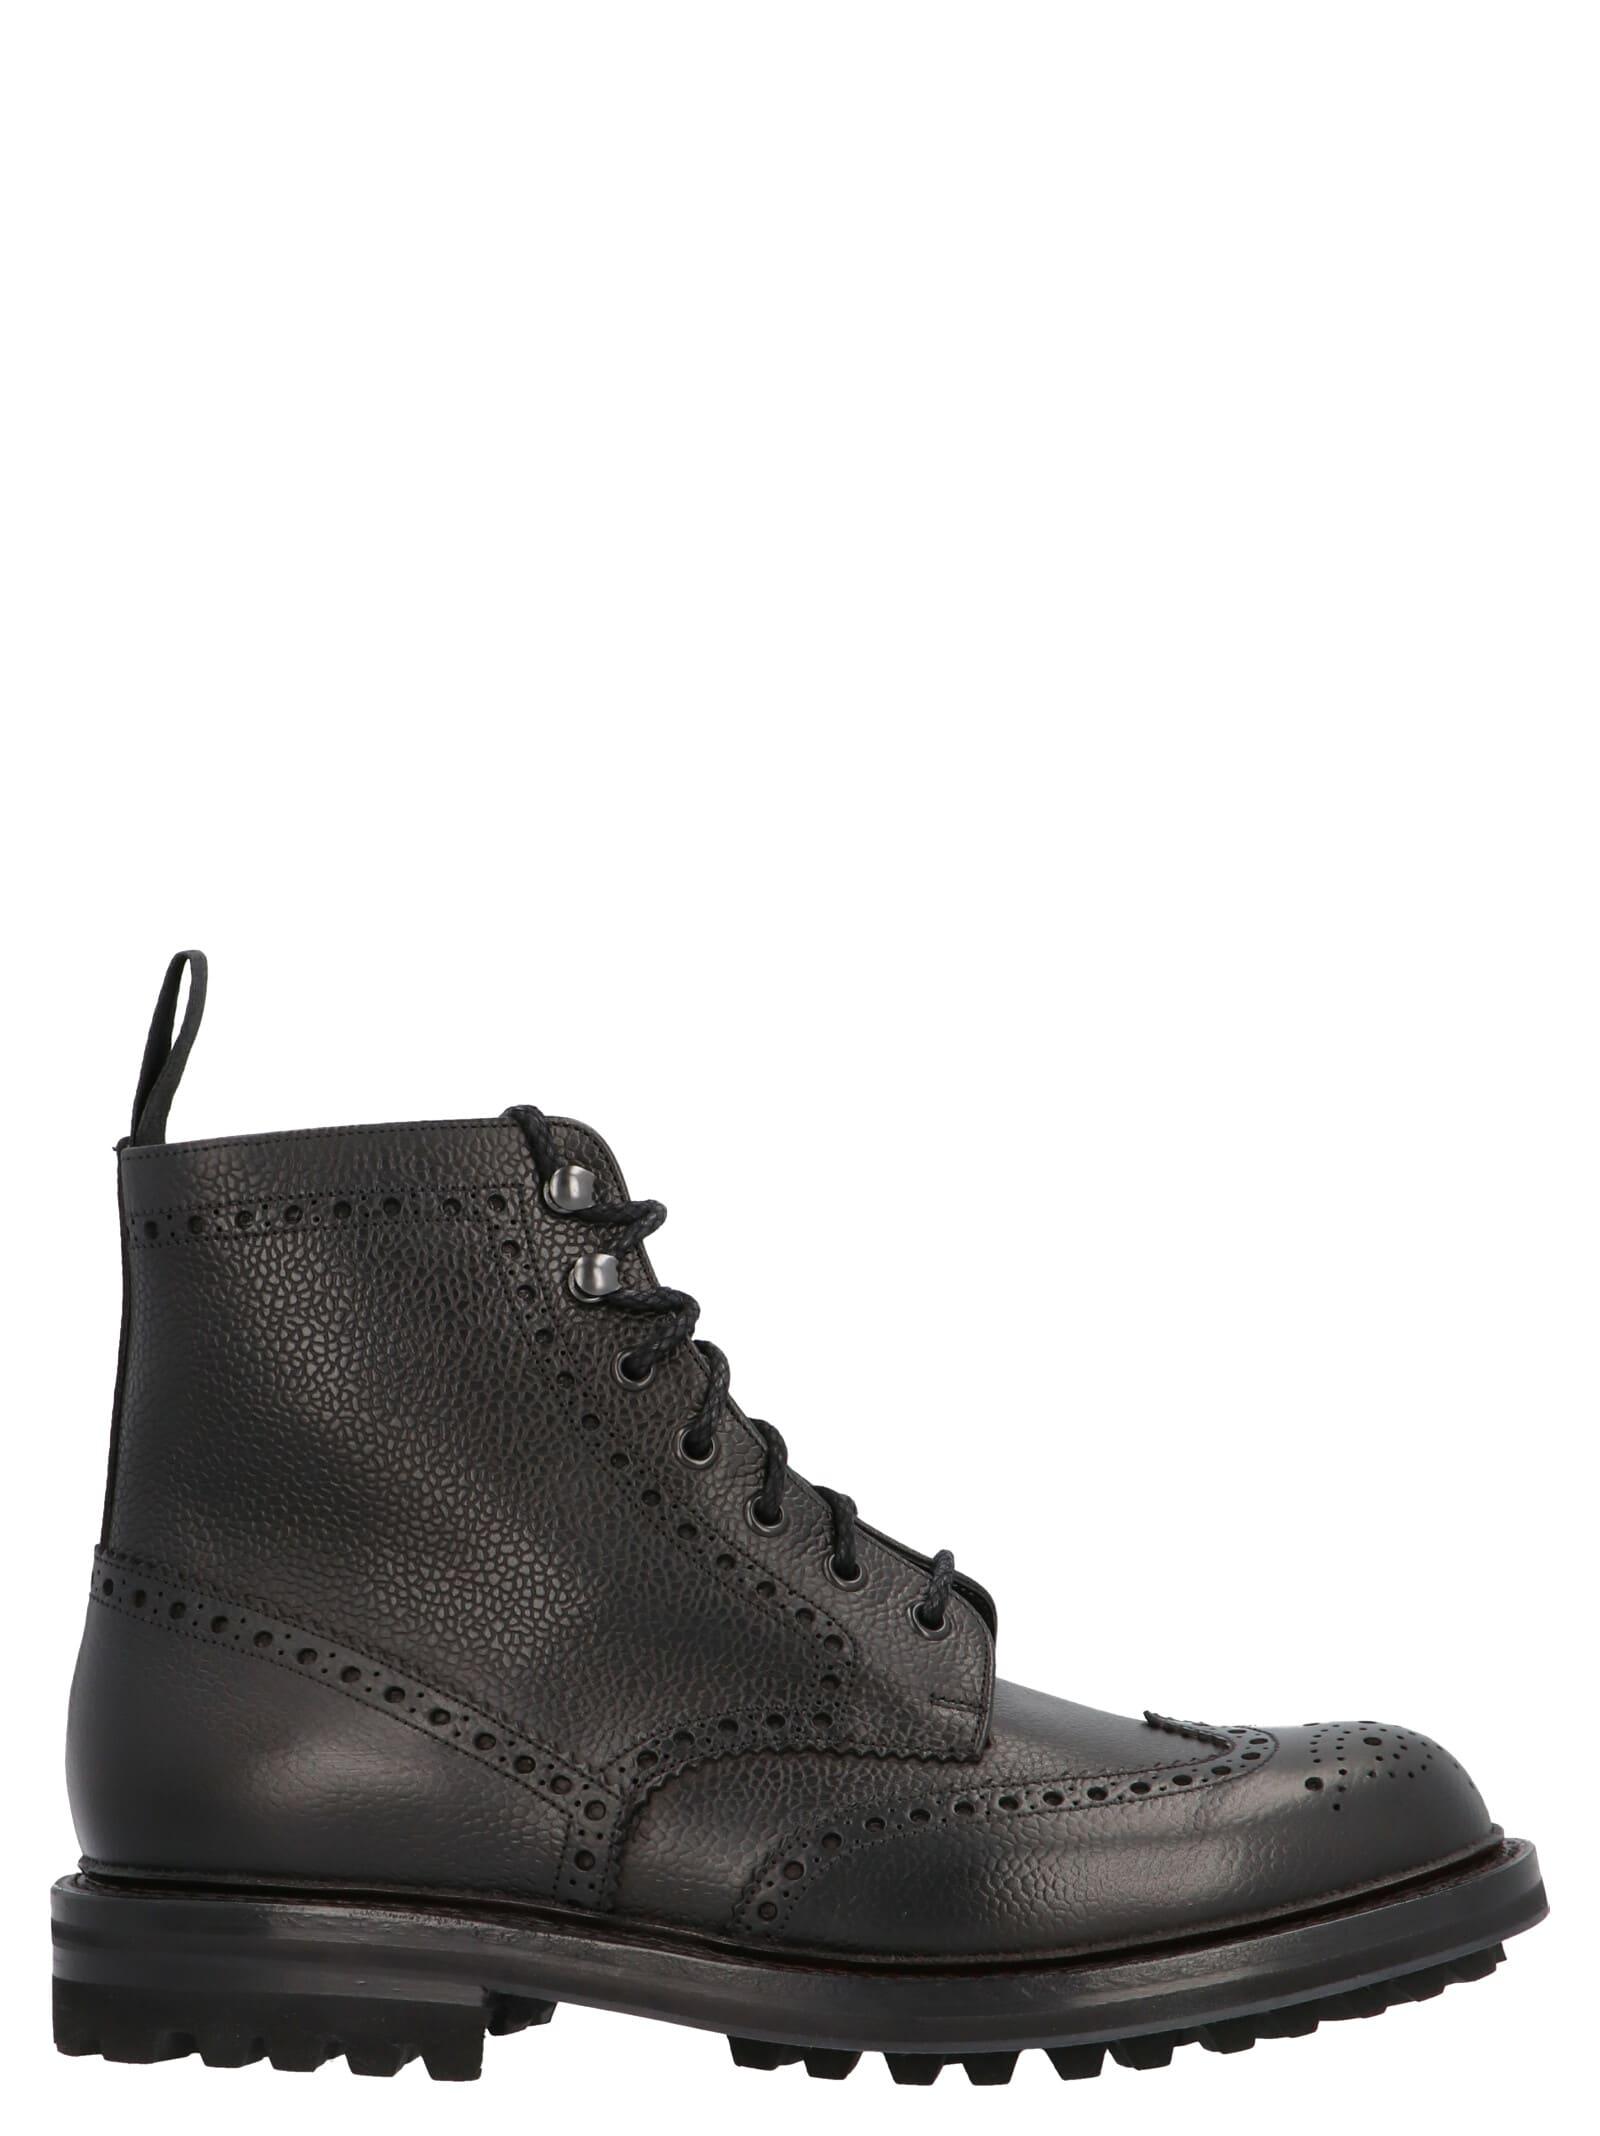 Churchs mcfarlane Shoes